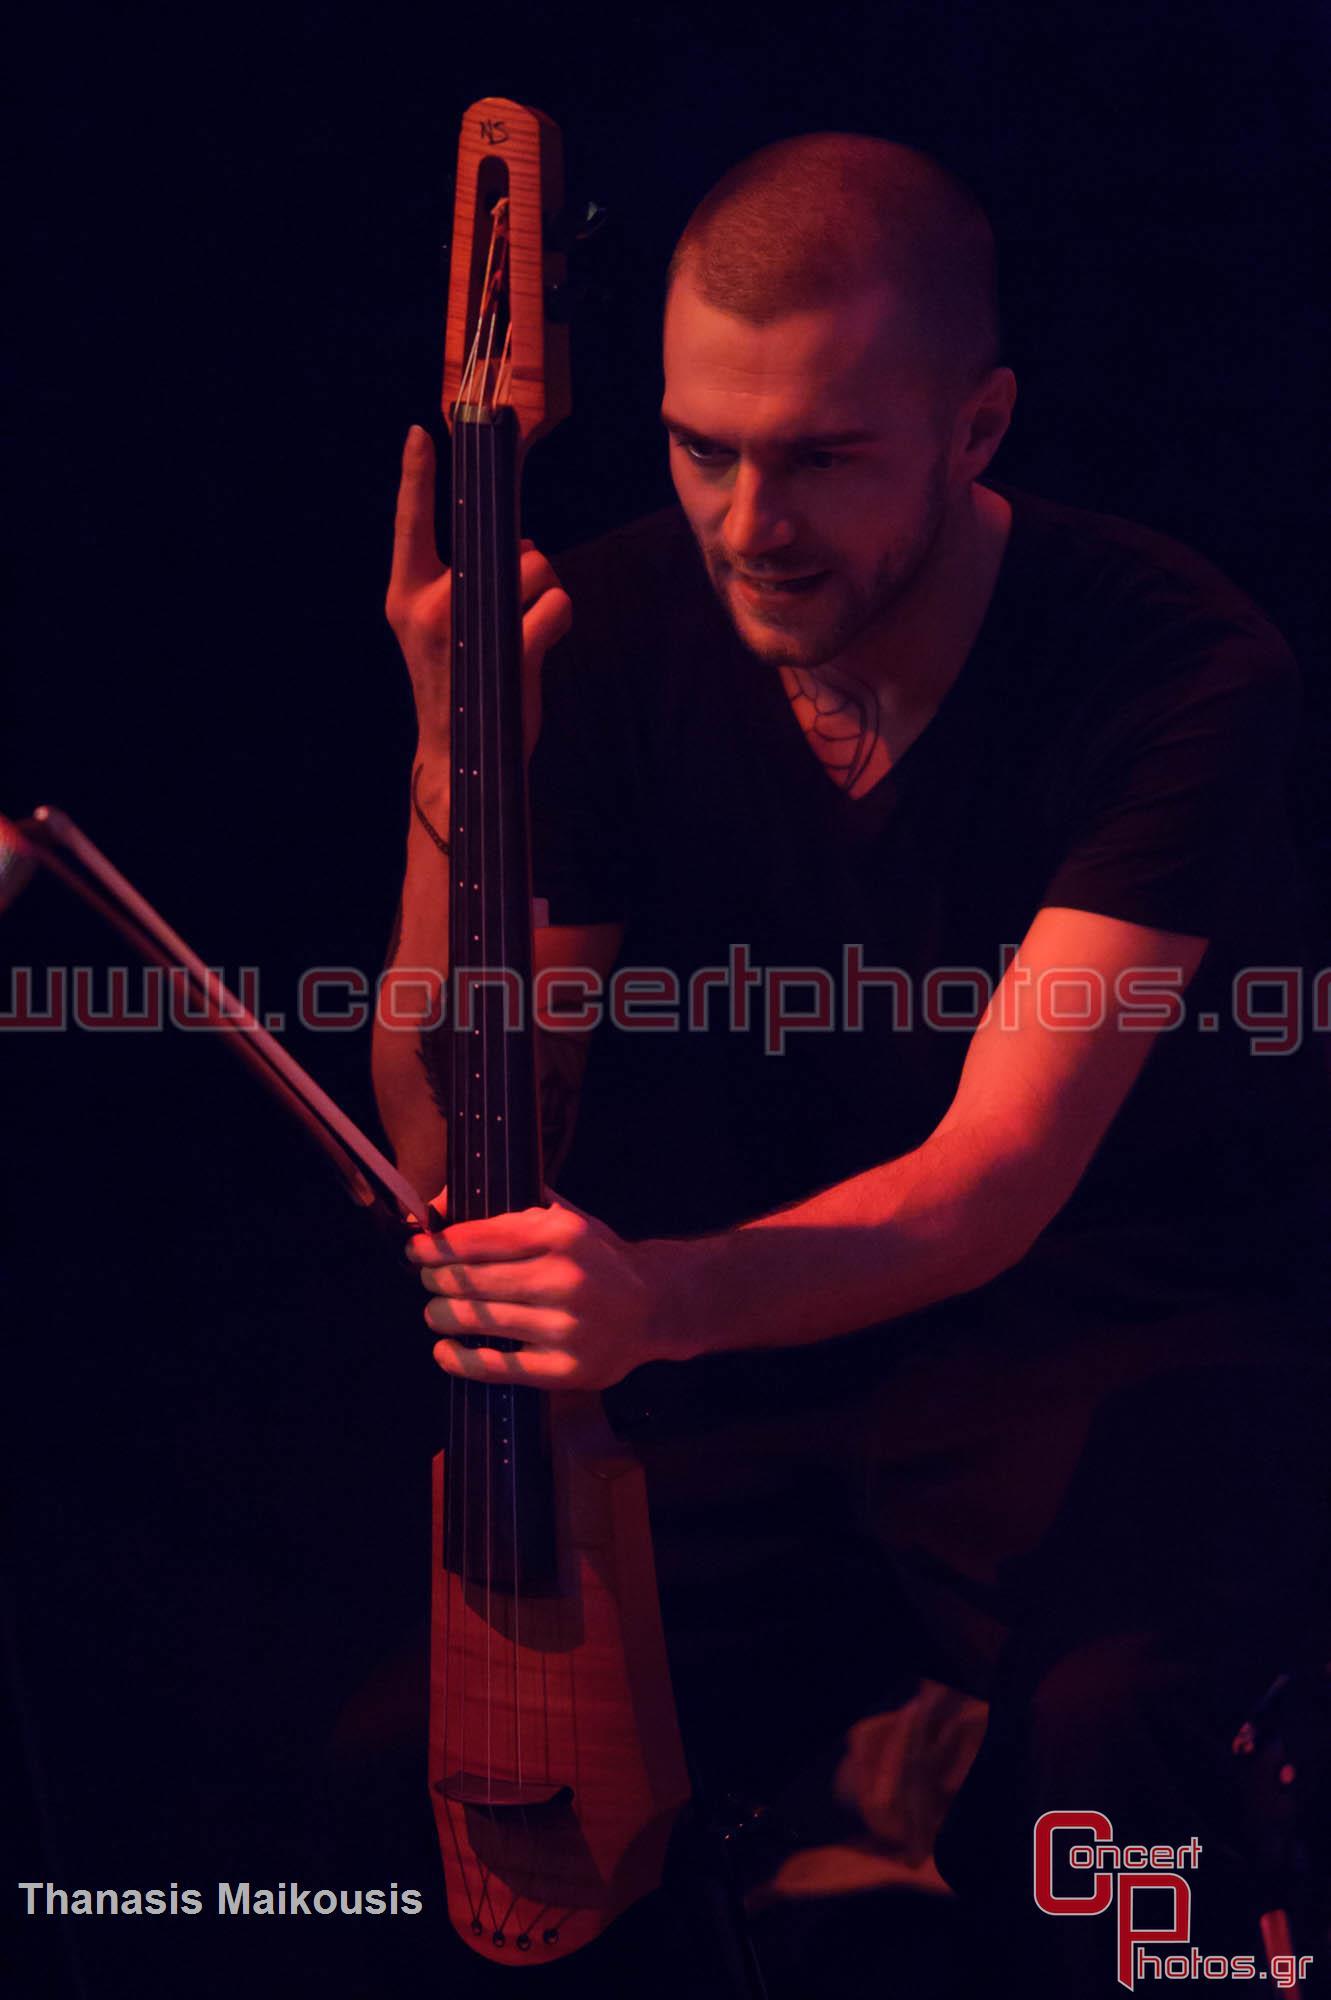 Wax Tailor - photographer: Thanasis Maikousis - ConcertPhotos-7994